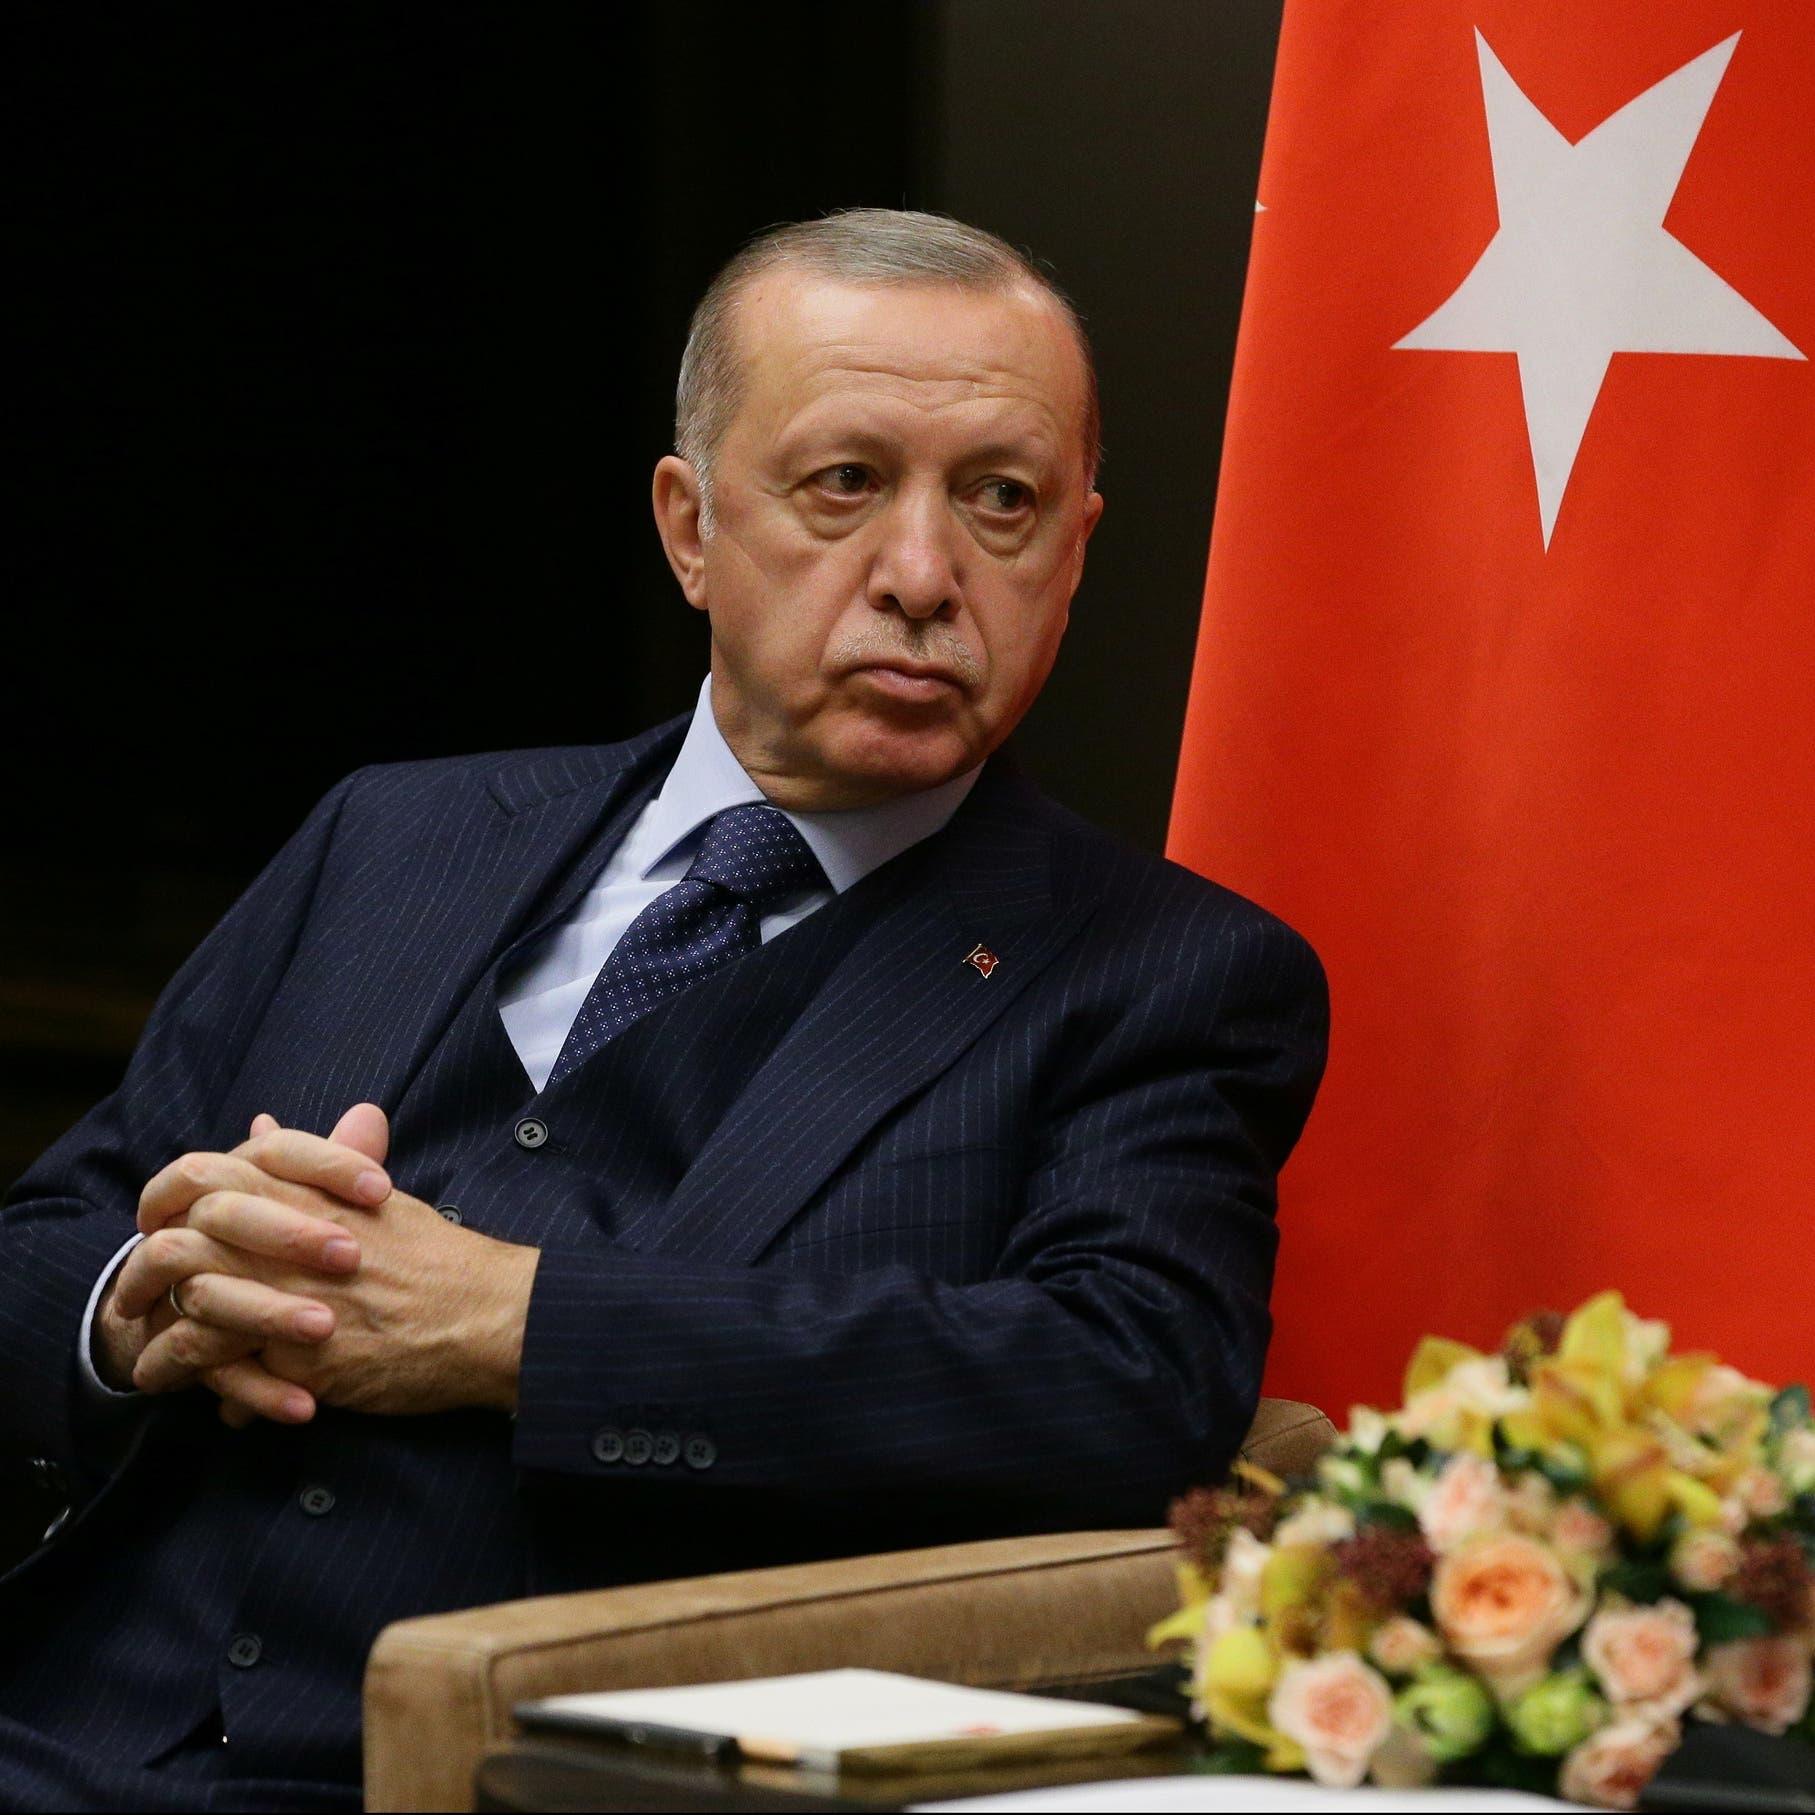 بغطاء من الحزب الحاكم.. شركات تركية تهرّب ملايين الدولارات